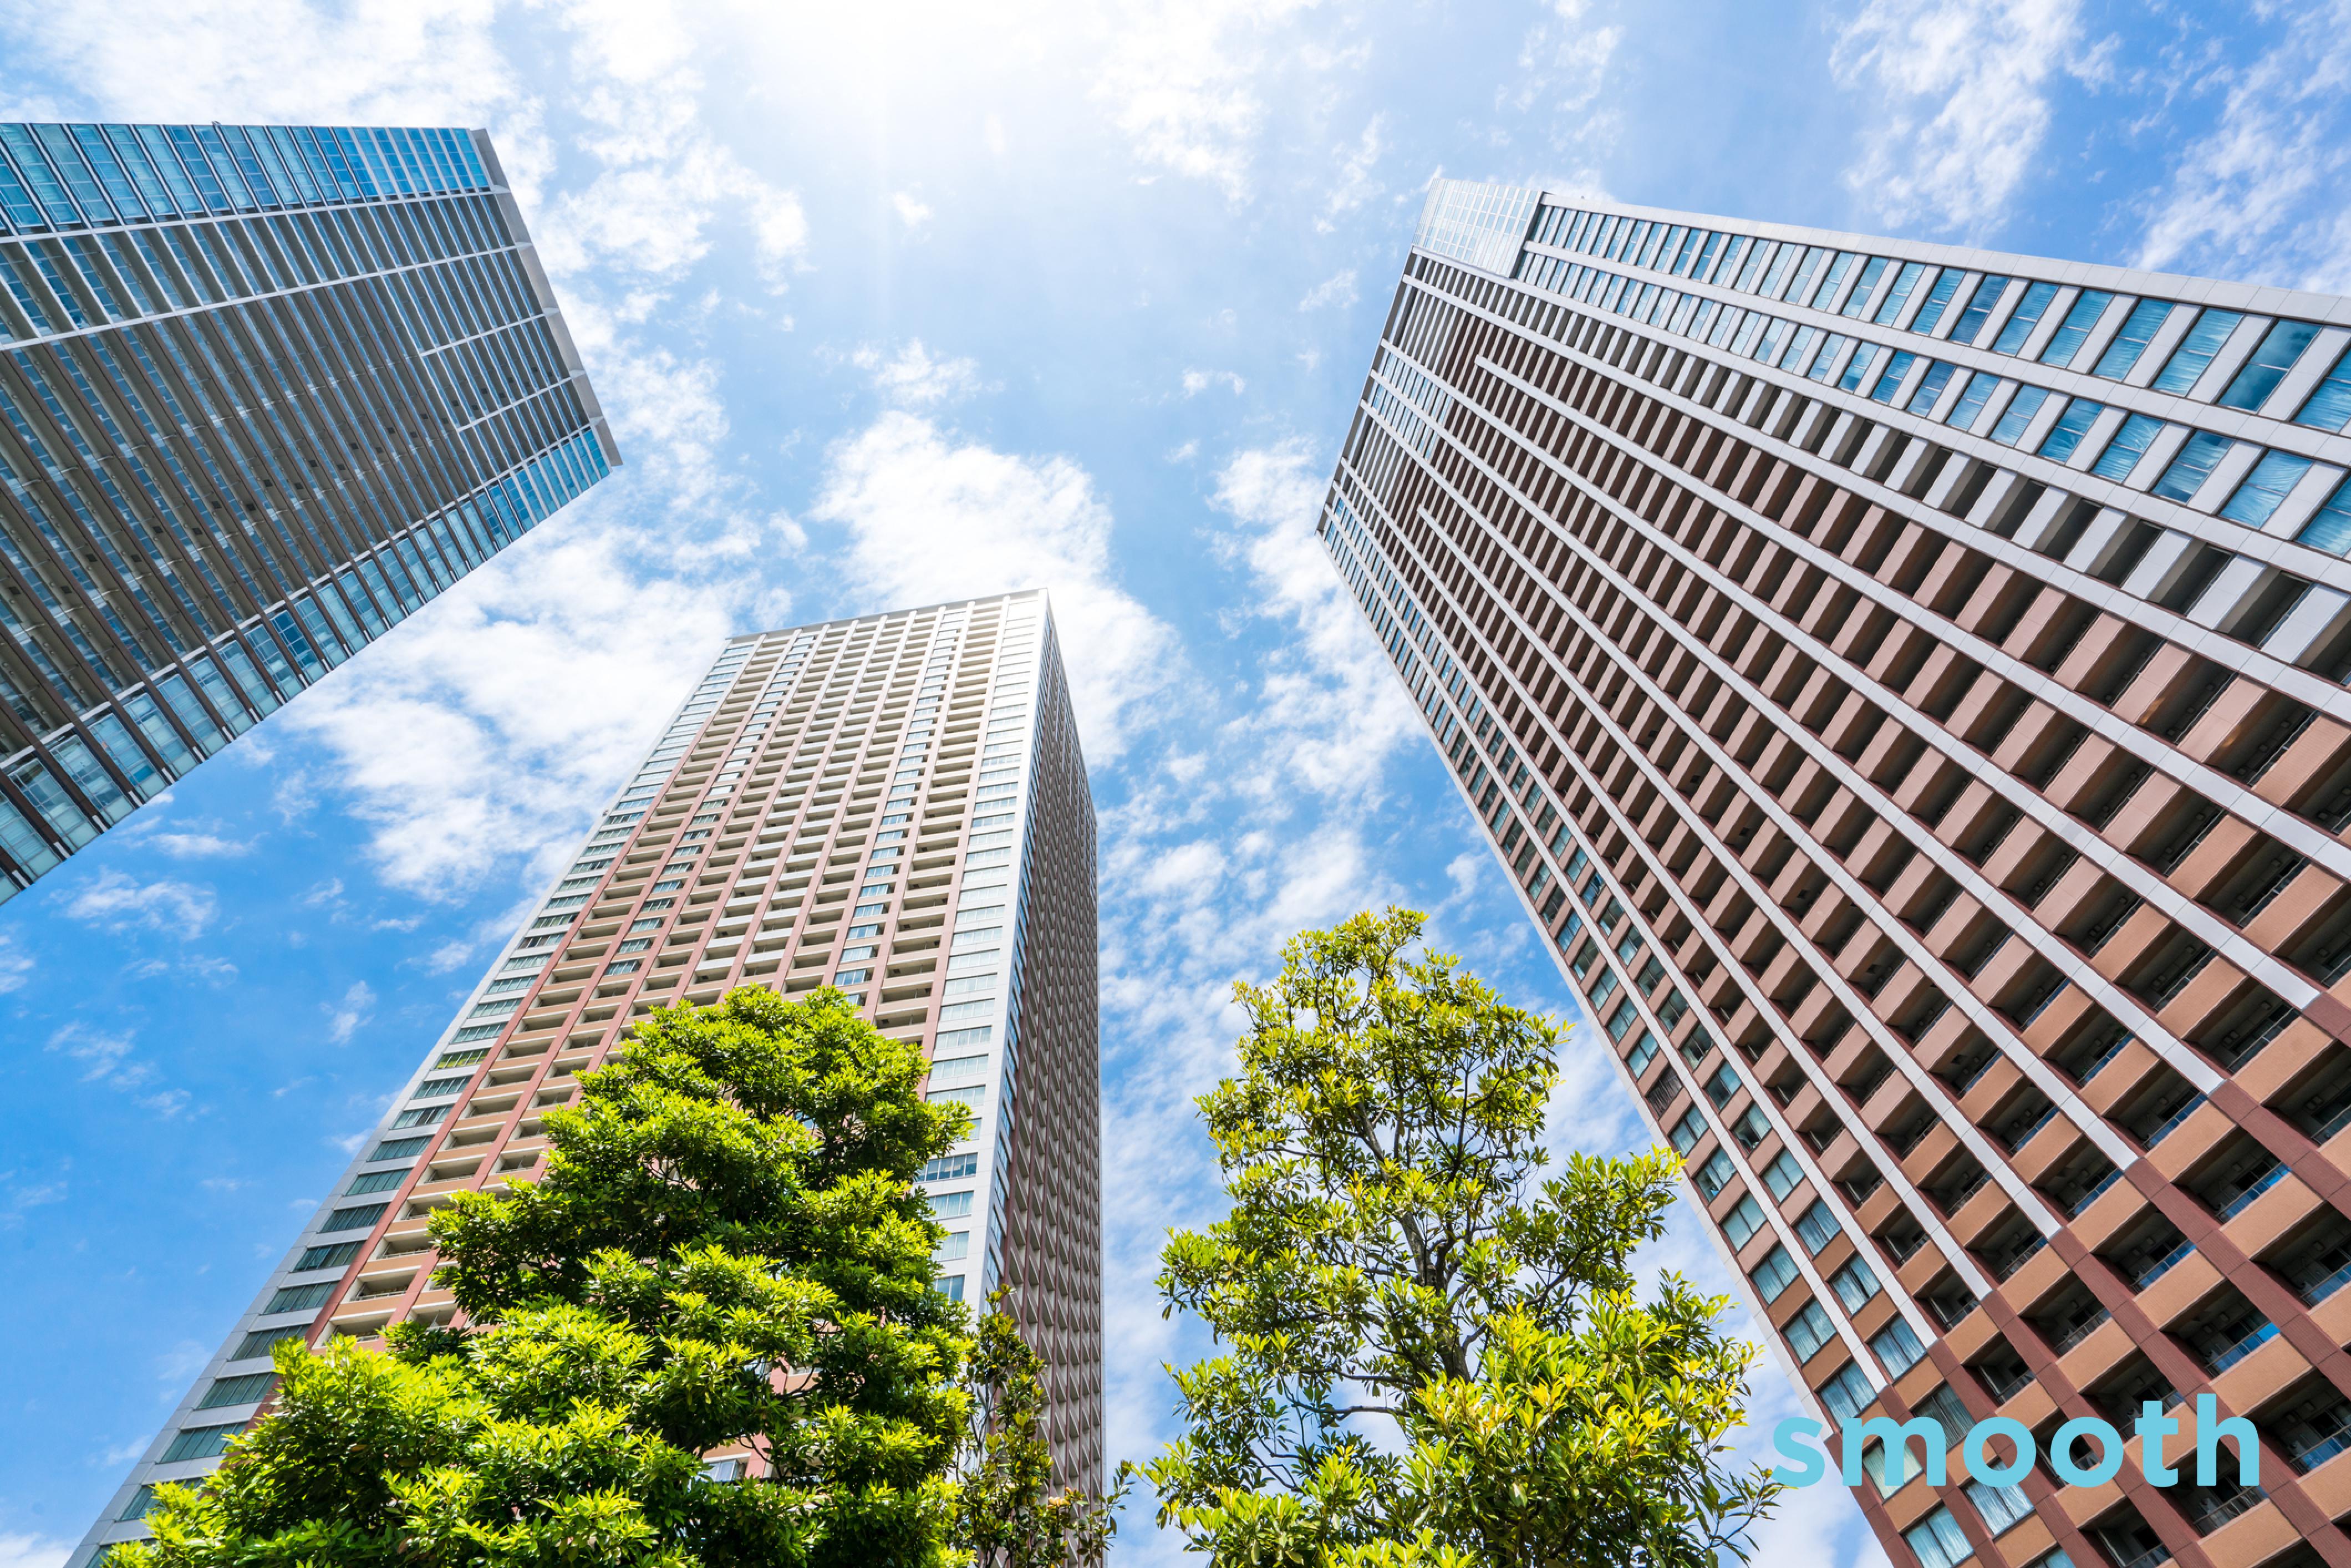 タワマンの賃貸でかかる初期費用はどれくらい?賃貸でタワーマンションに安く引越したい!